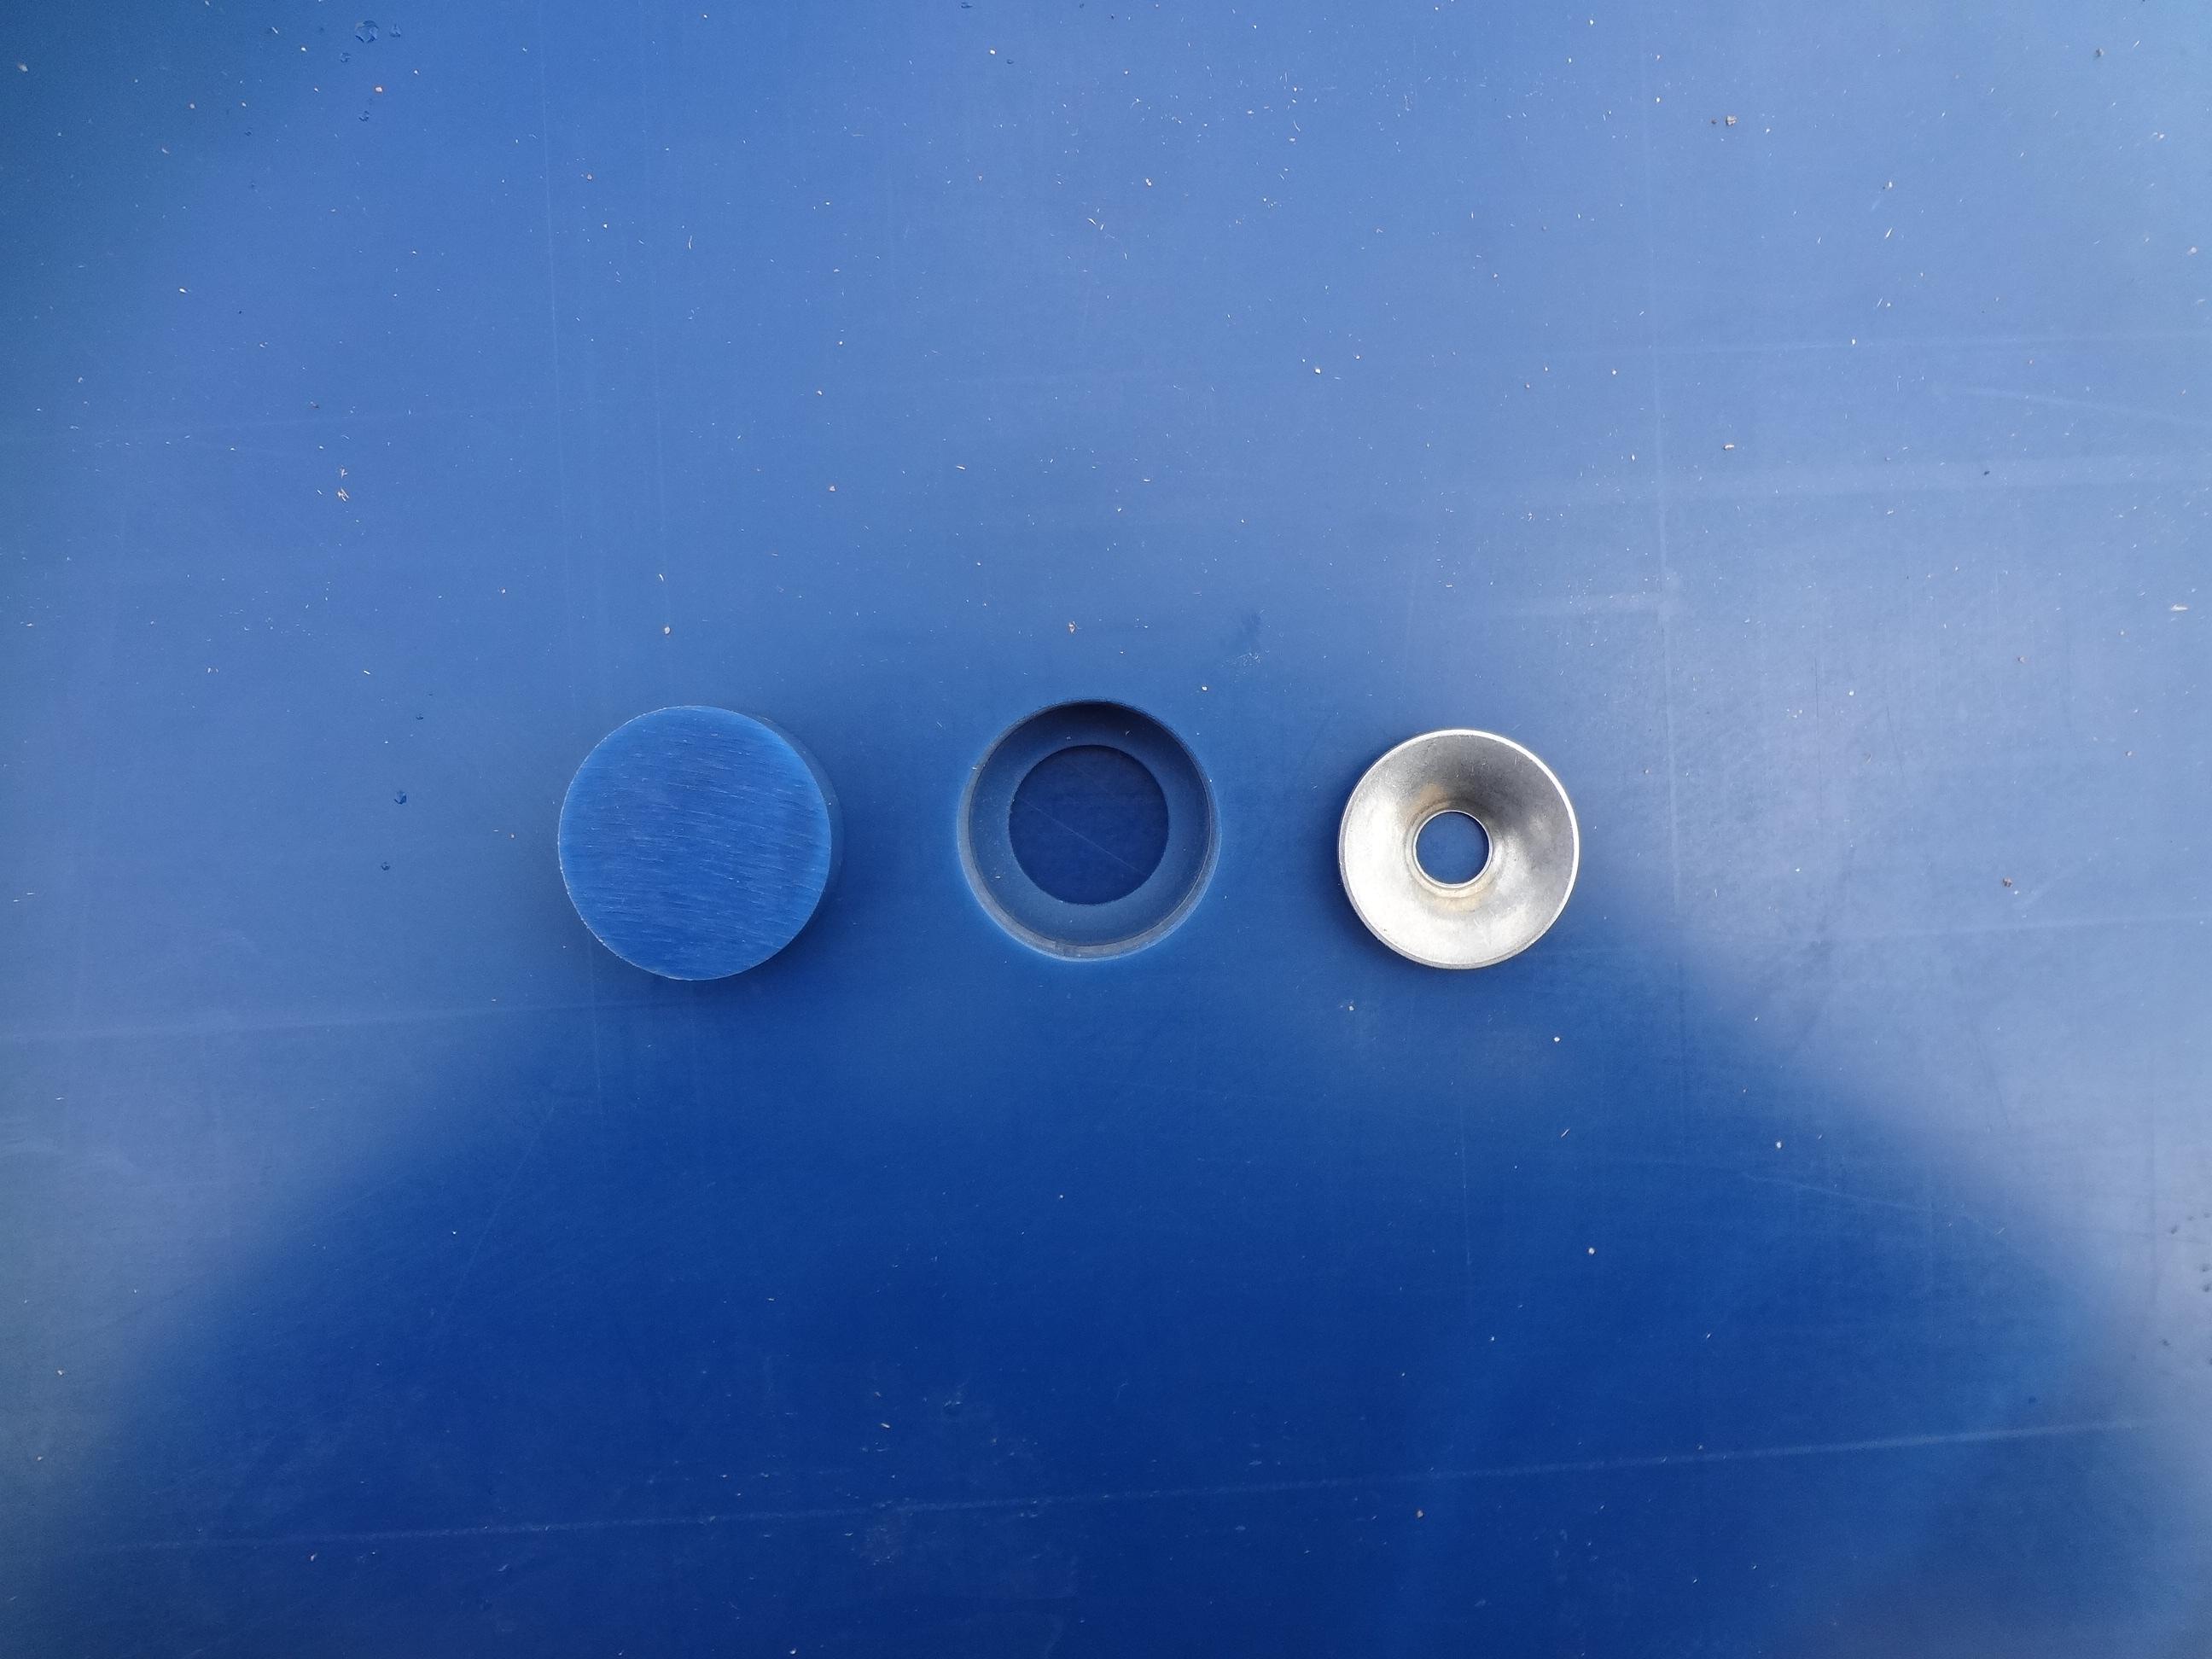 Akmenės cementas plastikas 006